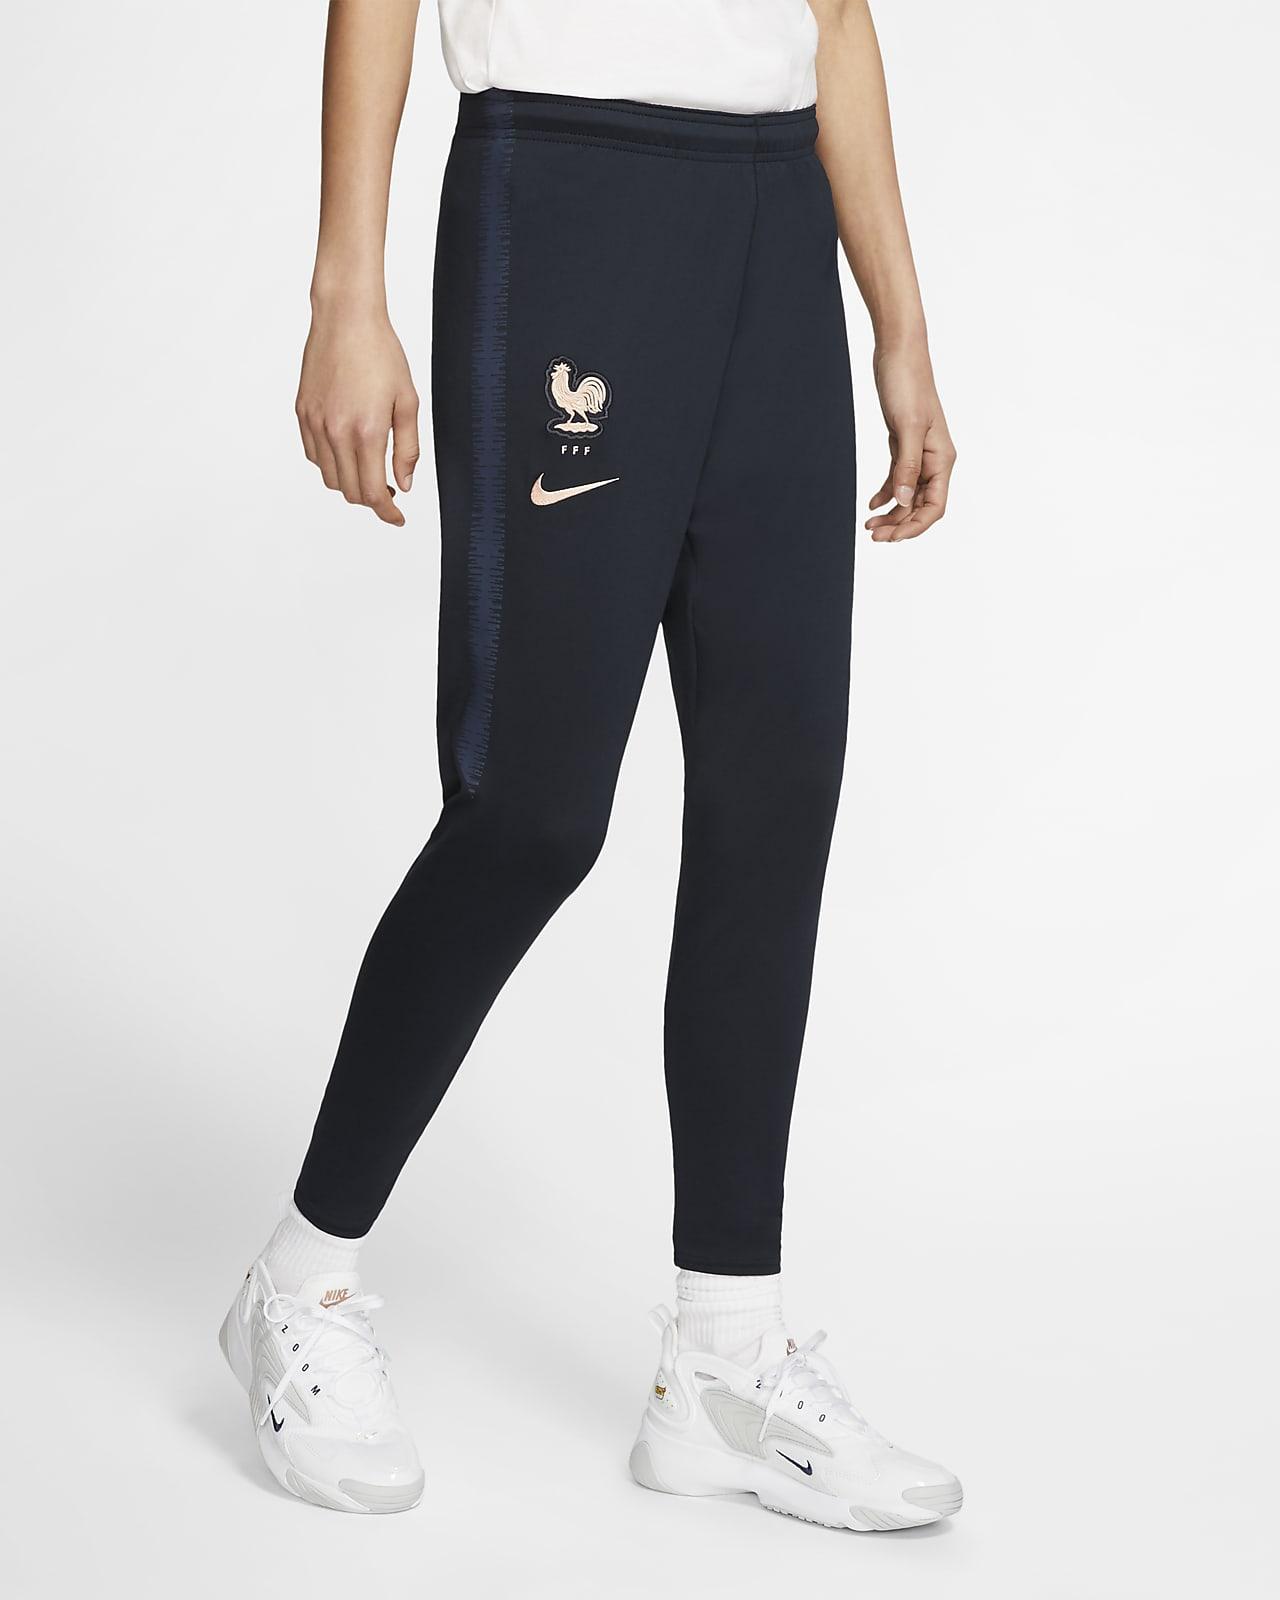 Pantaloni da calcio FFF Squad - Donna